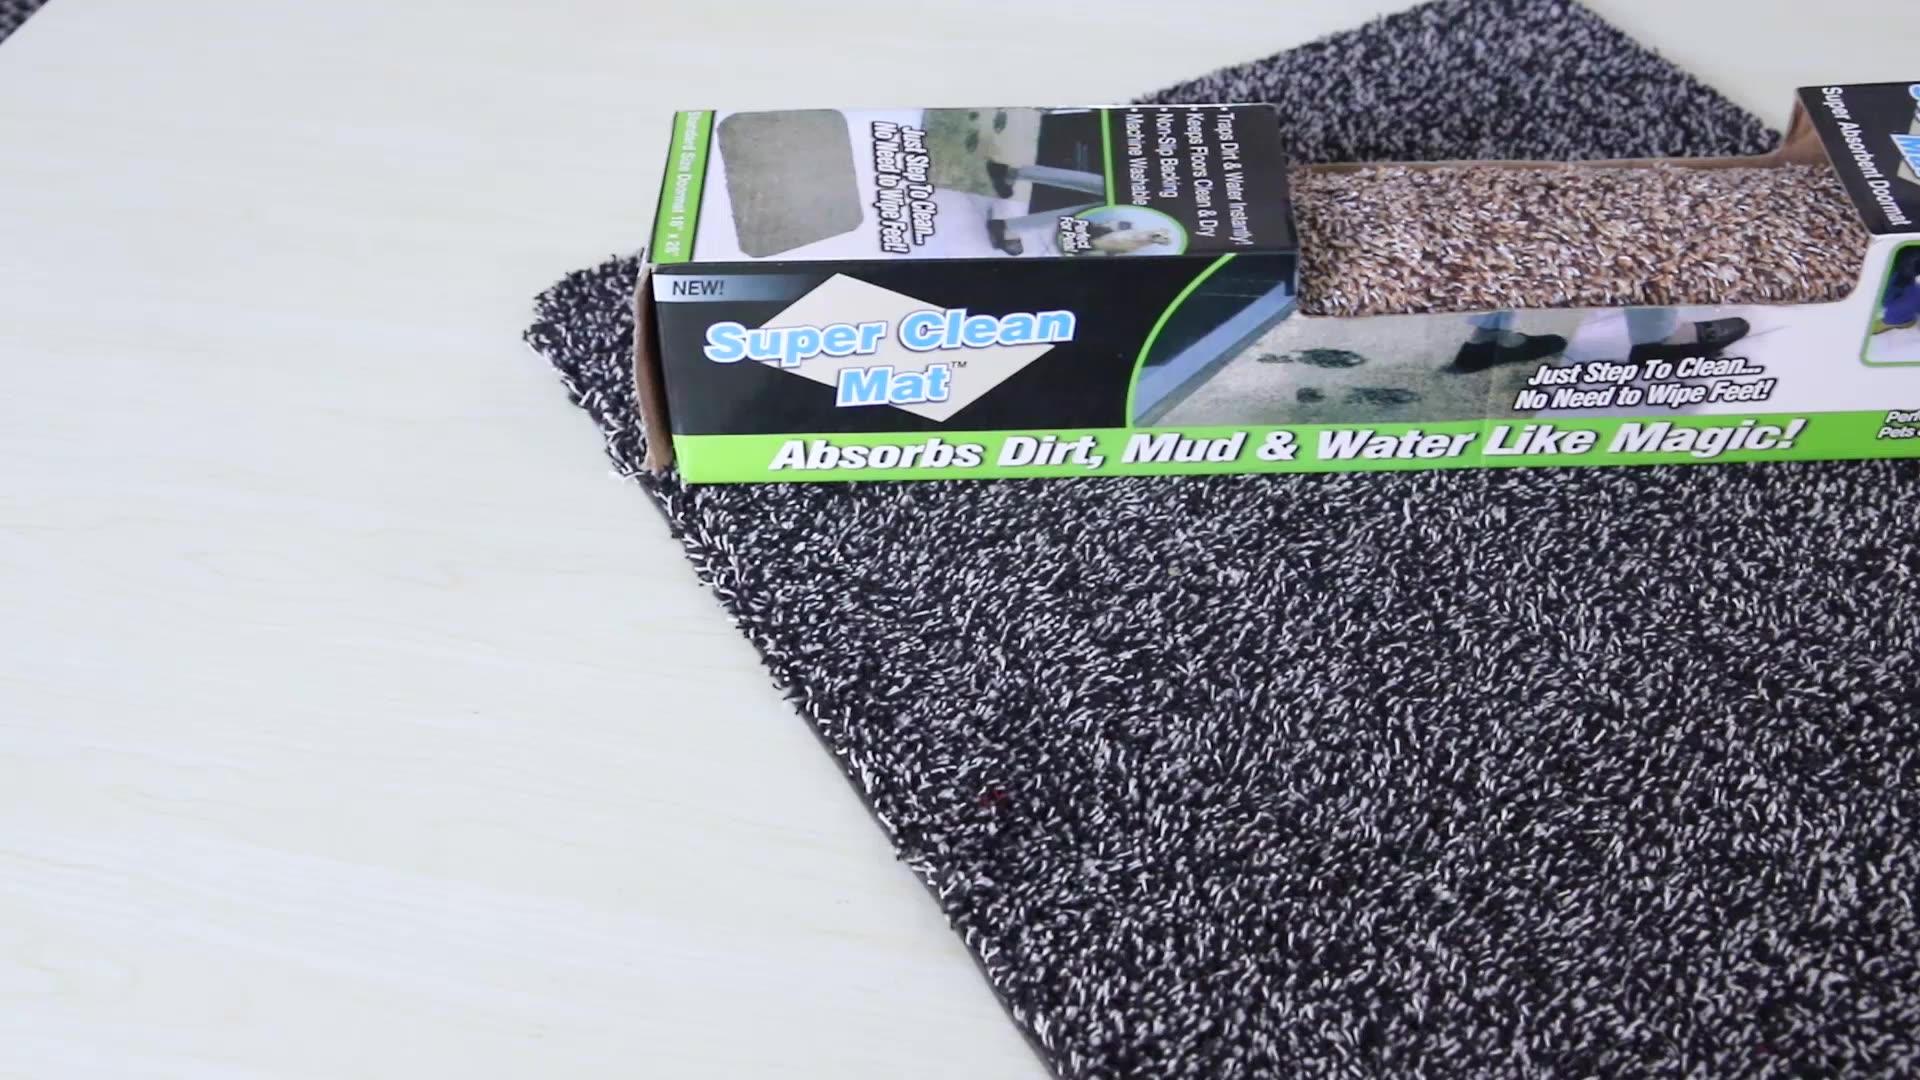 Sihirli paspas emer çamur paspas kaymaz kauçuk geri düşük profilli giriş kapısı paspası büyük pamuklu ayakkabı kazıyıcı Pet Mat amazon